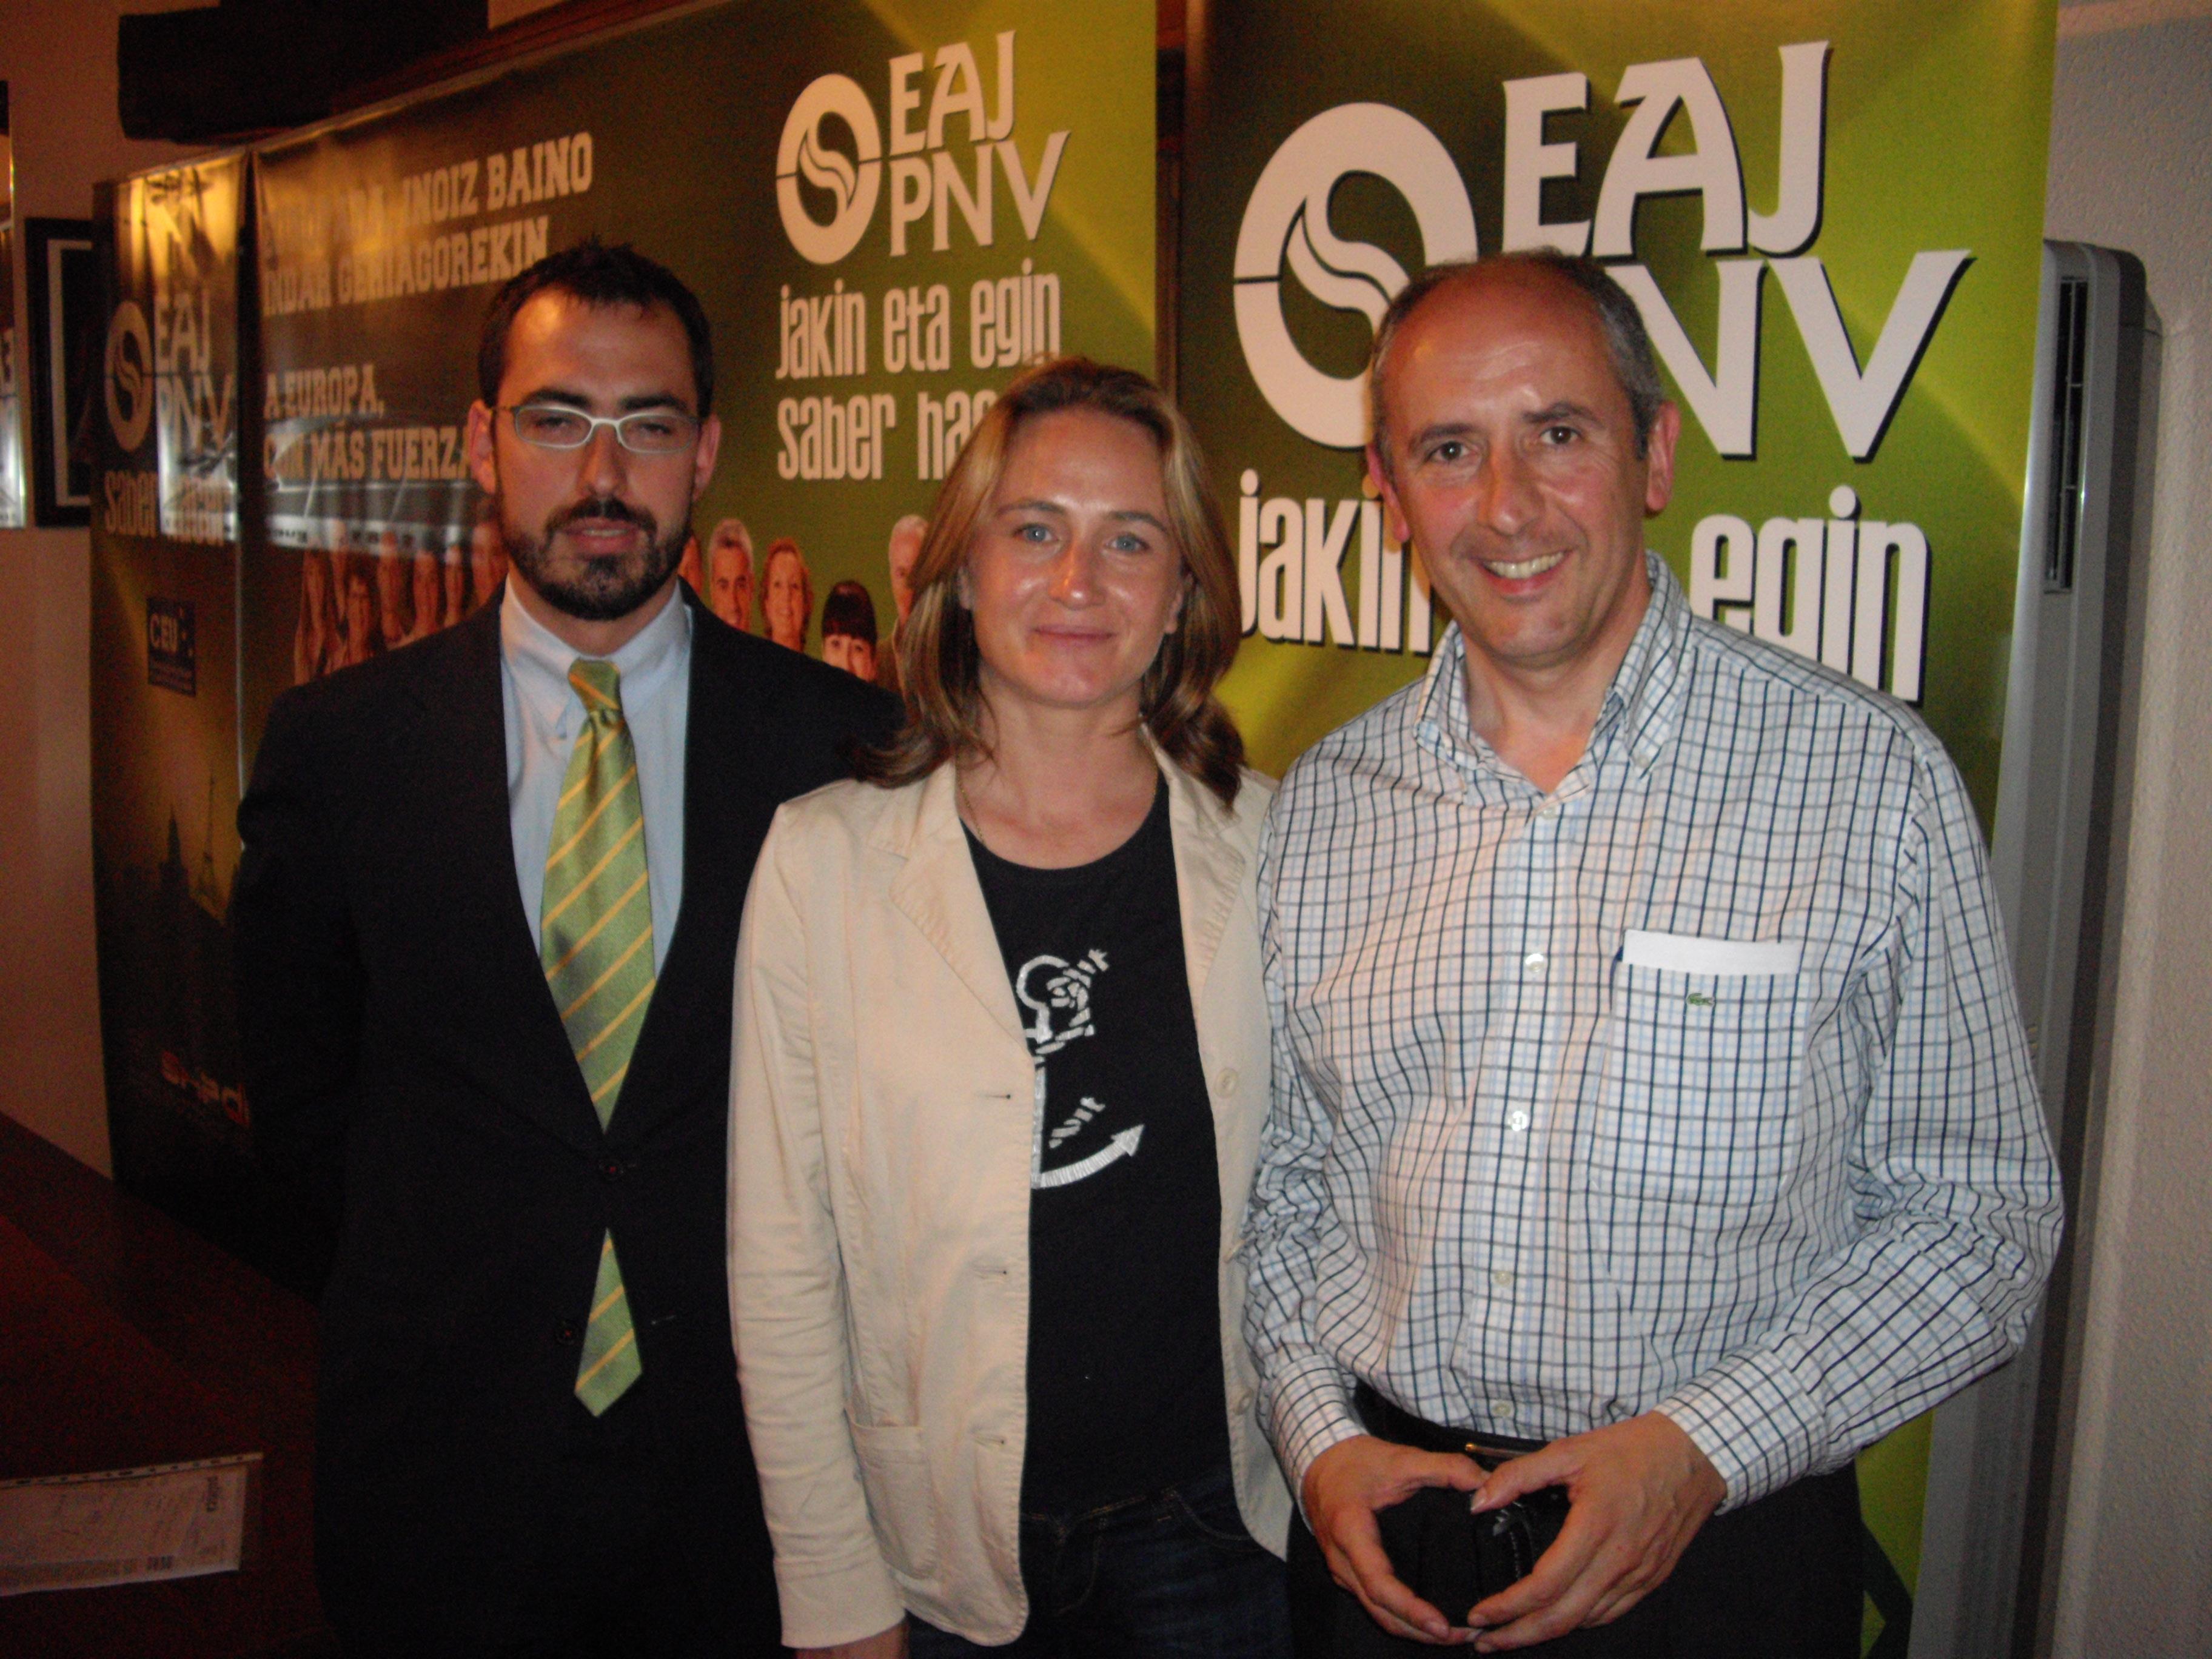 En el batzoki de Lesaka, junto a los candidatos navarros de nuestra lista electoral: Iñigo Zabalza y Amaia Arrizabalaga